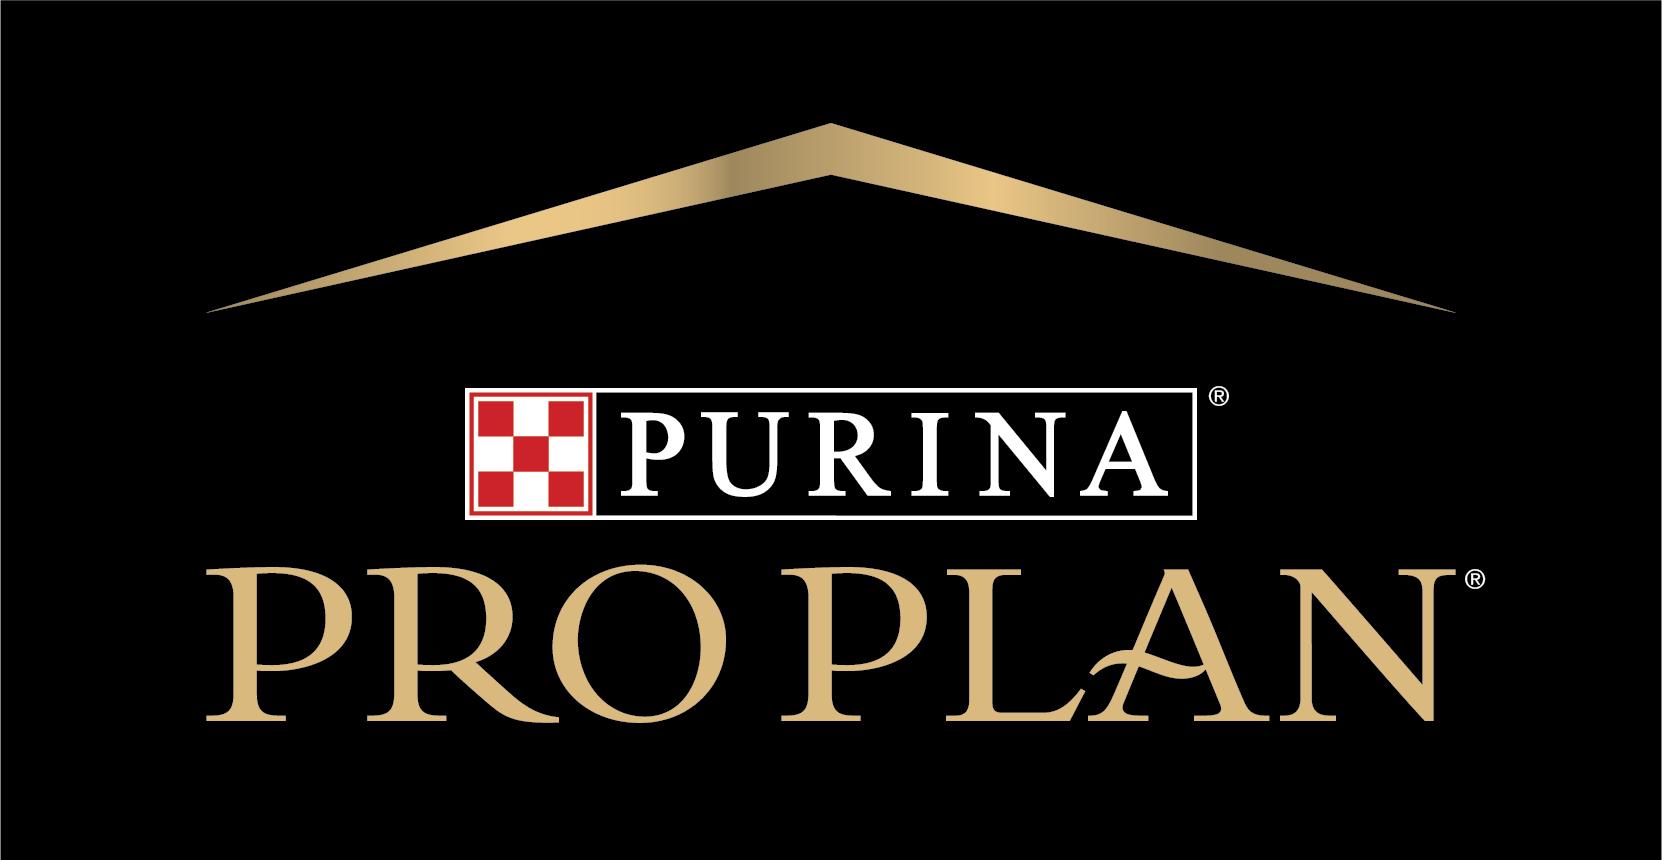 ProPlan_Logo_2020.jpg (257 KB)